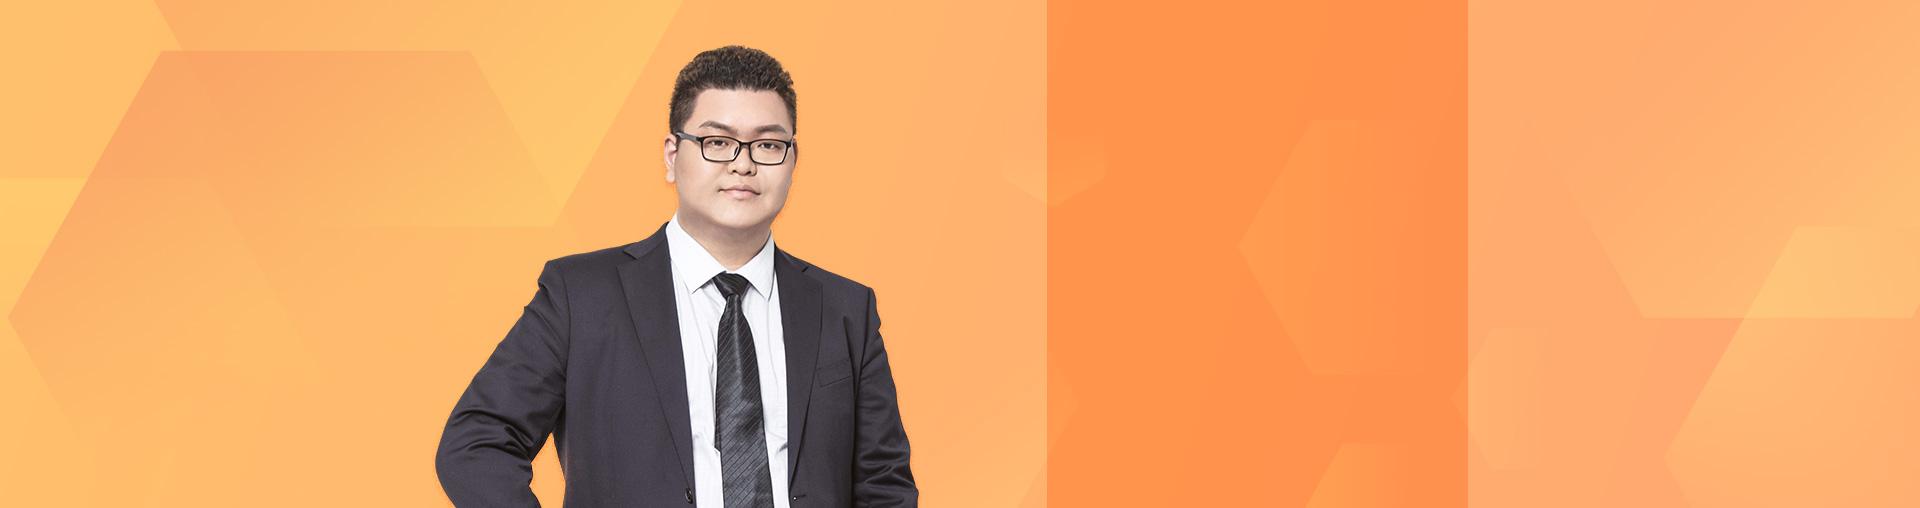 王一珉时政精华讲评(2018上半年)